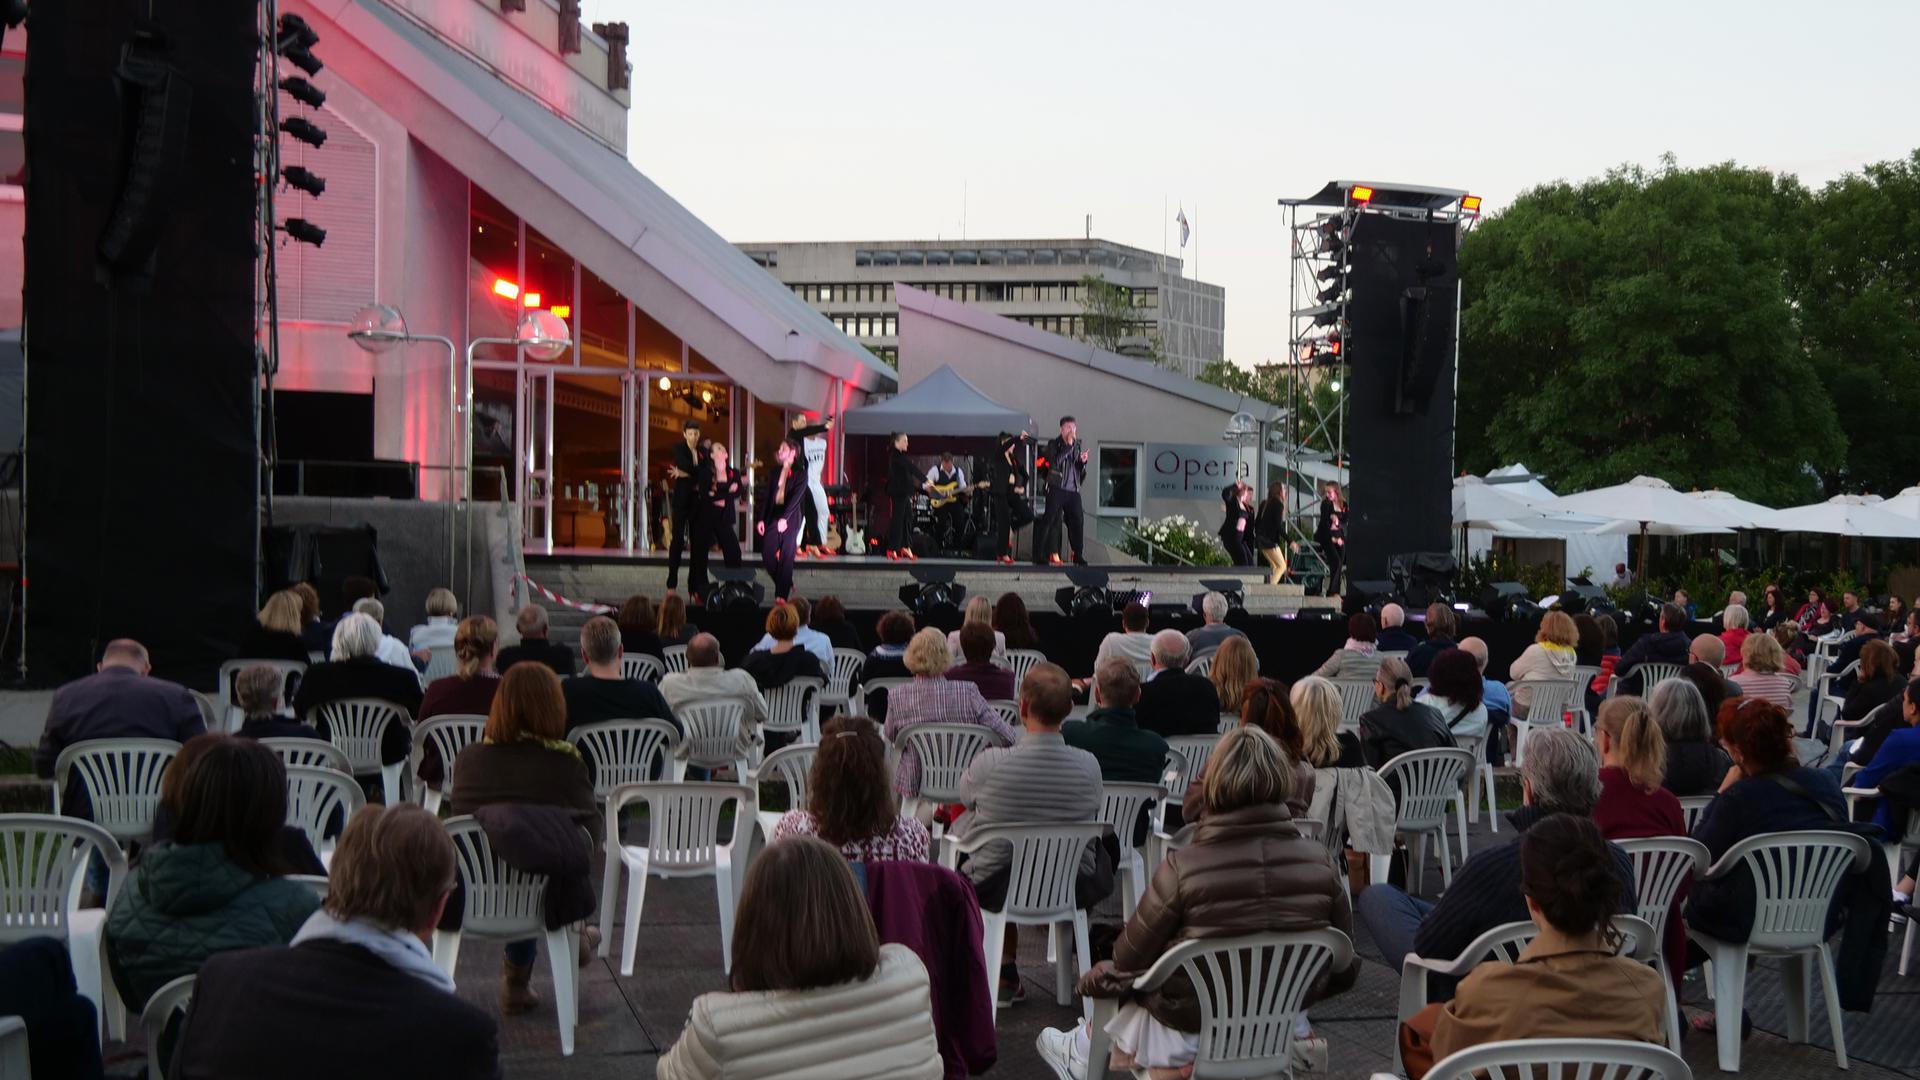 Blick auf eine Bühne, vor der mehrere Menschen auf Plastikstühlen sitzen.